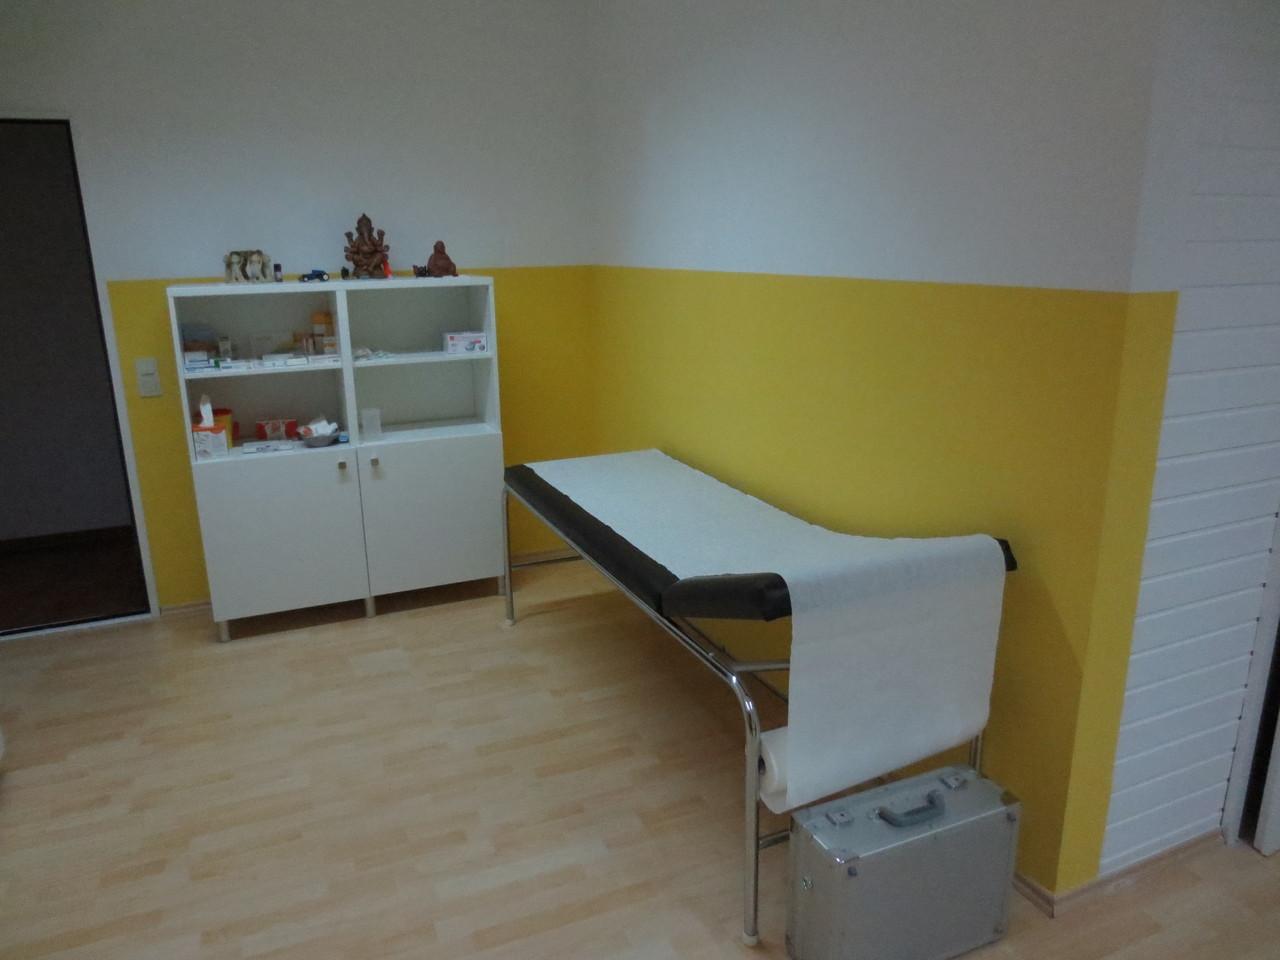 Behandlungsplatz 2